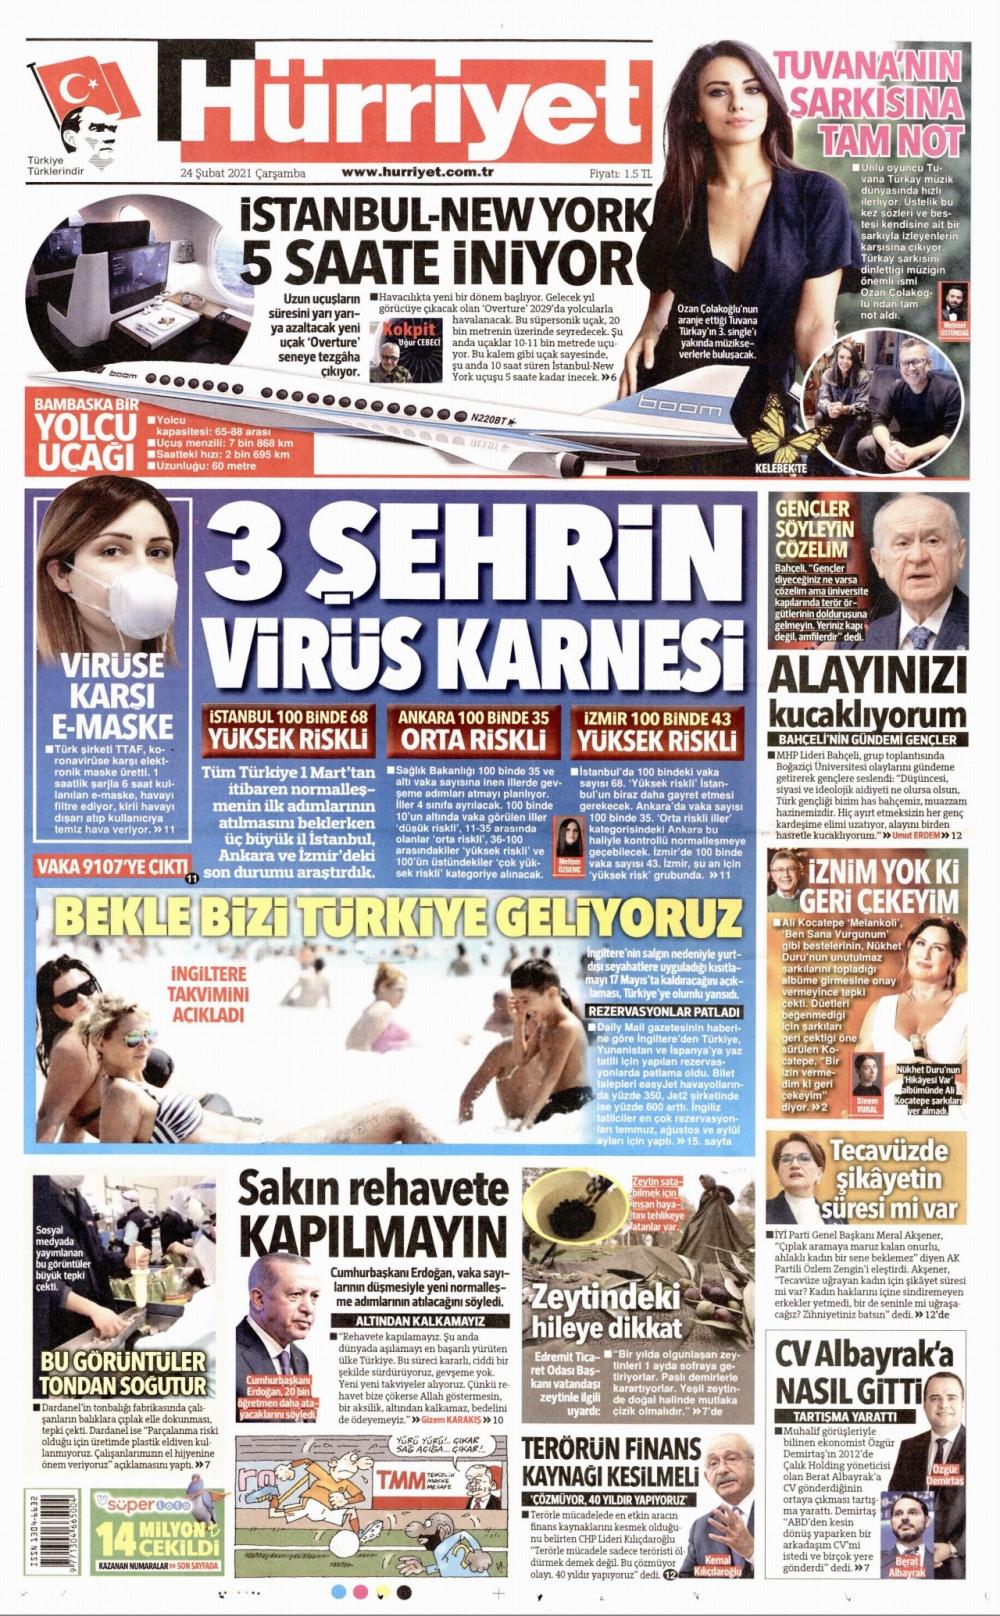 Günün Gazete Manşetleri 24 Şubat 2021 Gazeteler Ne Diyor? 1